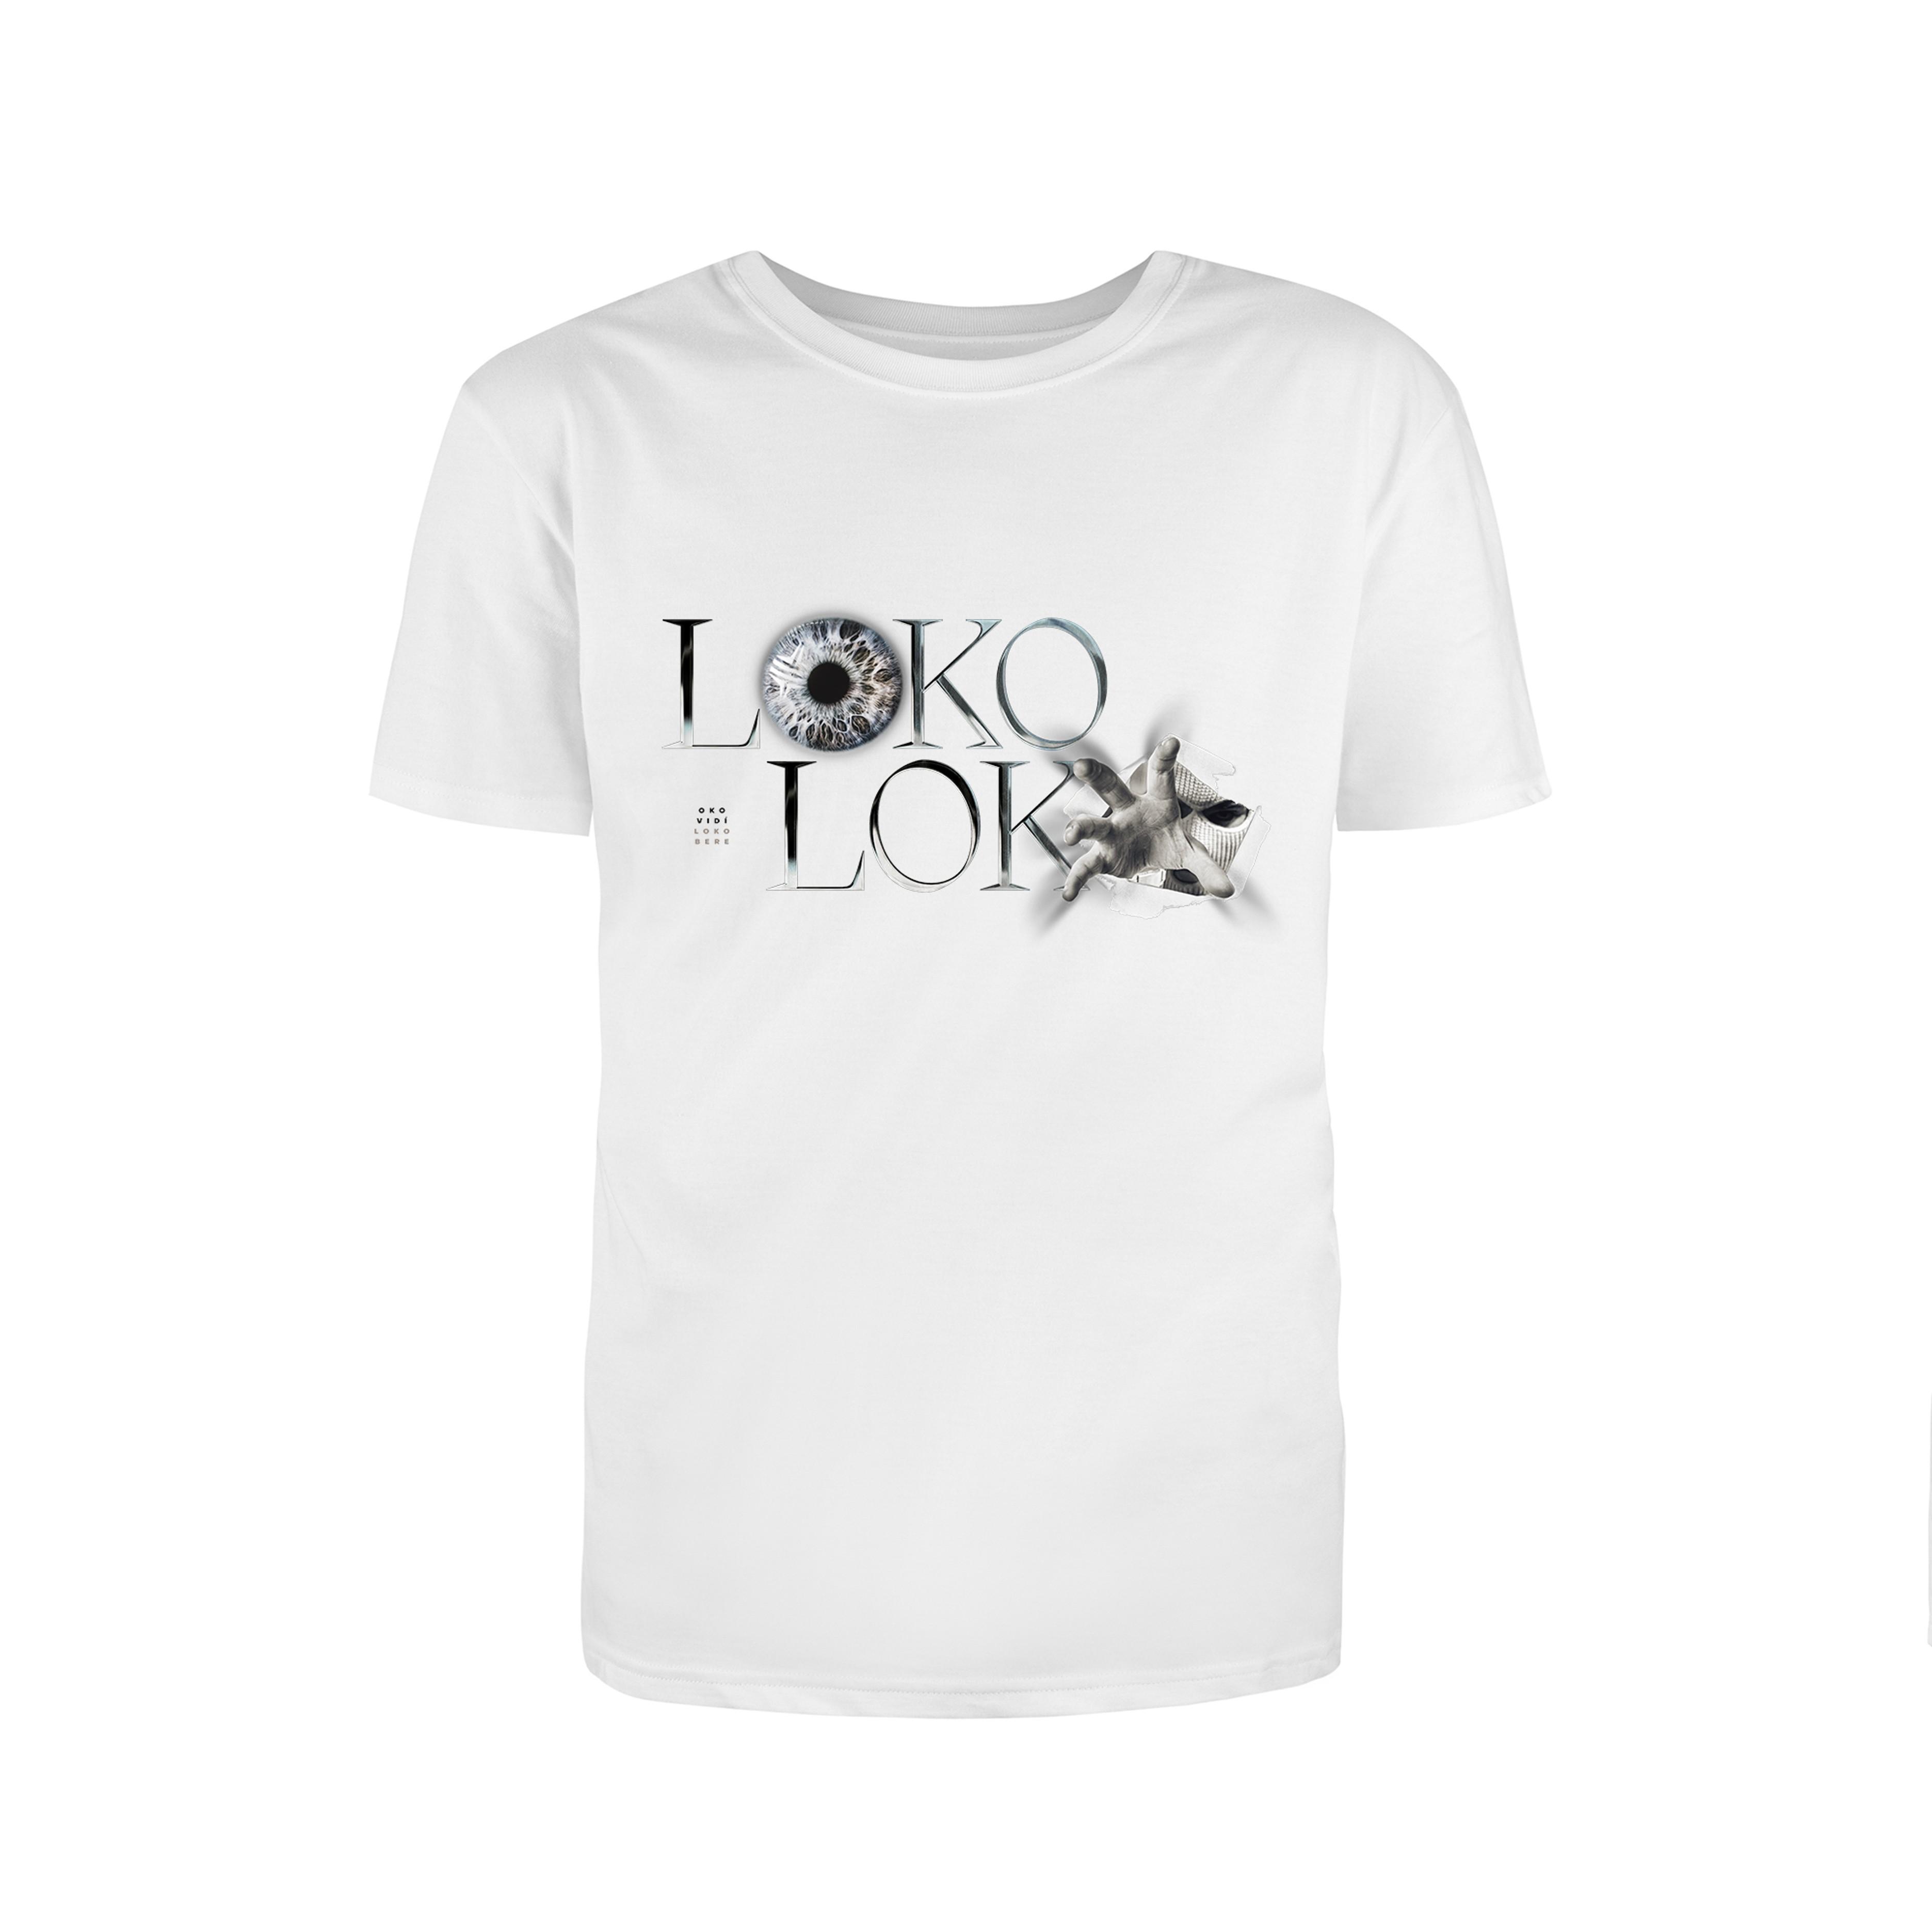 Loko Loko - Tričko Loko Bere - Muž, Biela, XXL